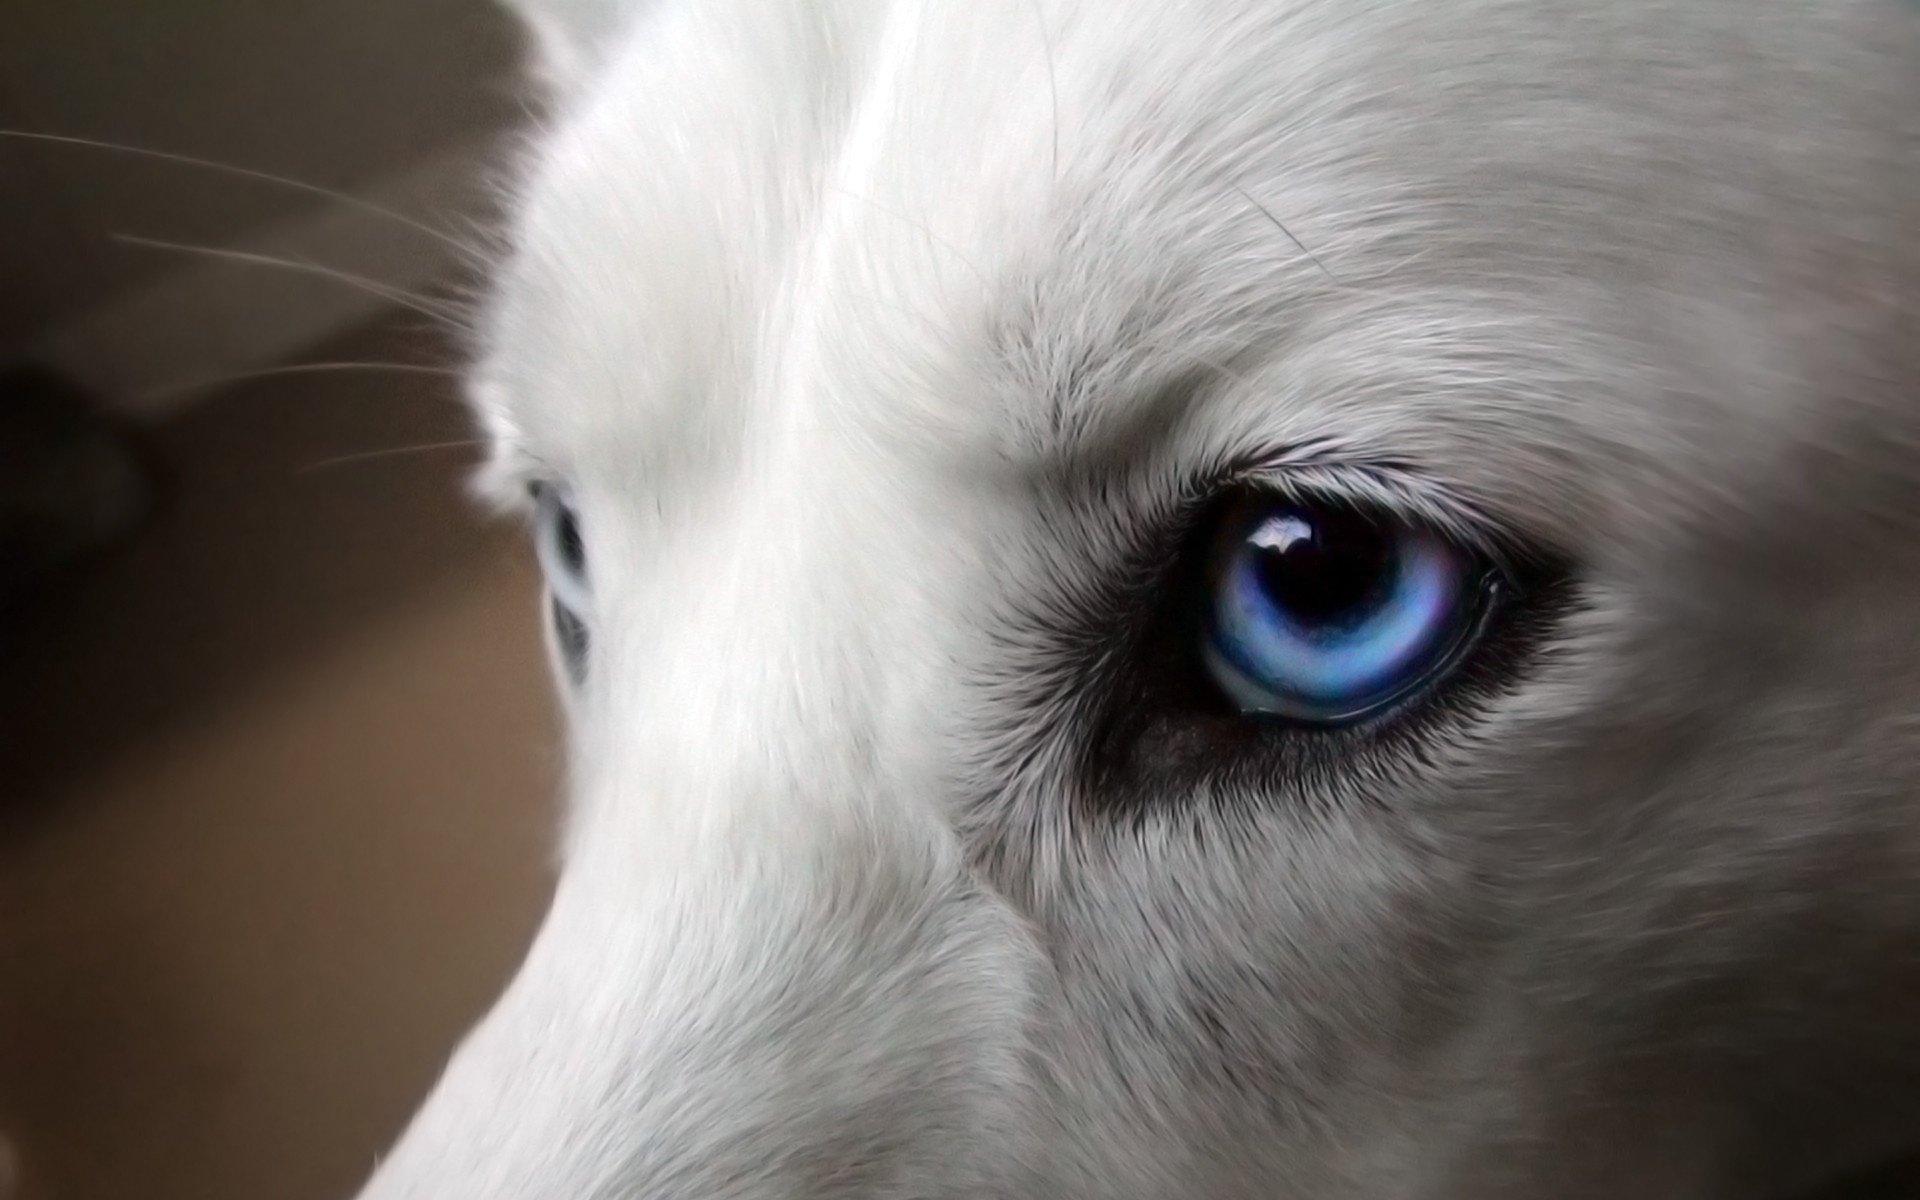 жизнь черно белые картинки с волком с голубыми глазами взгляде снимки